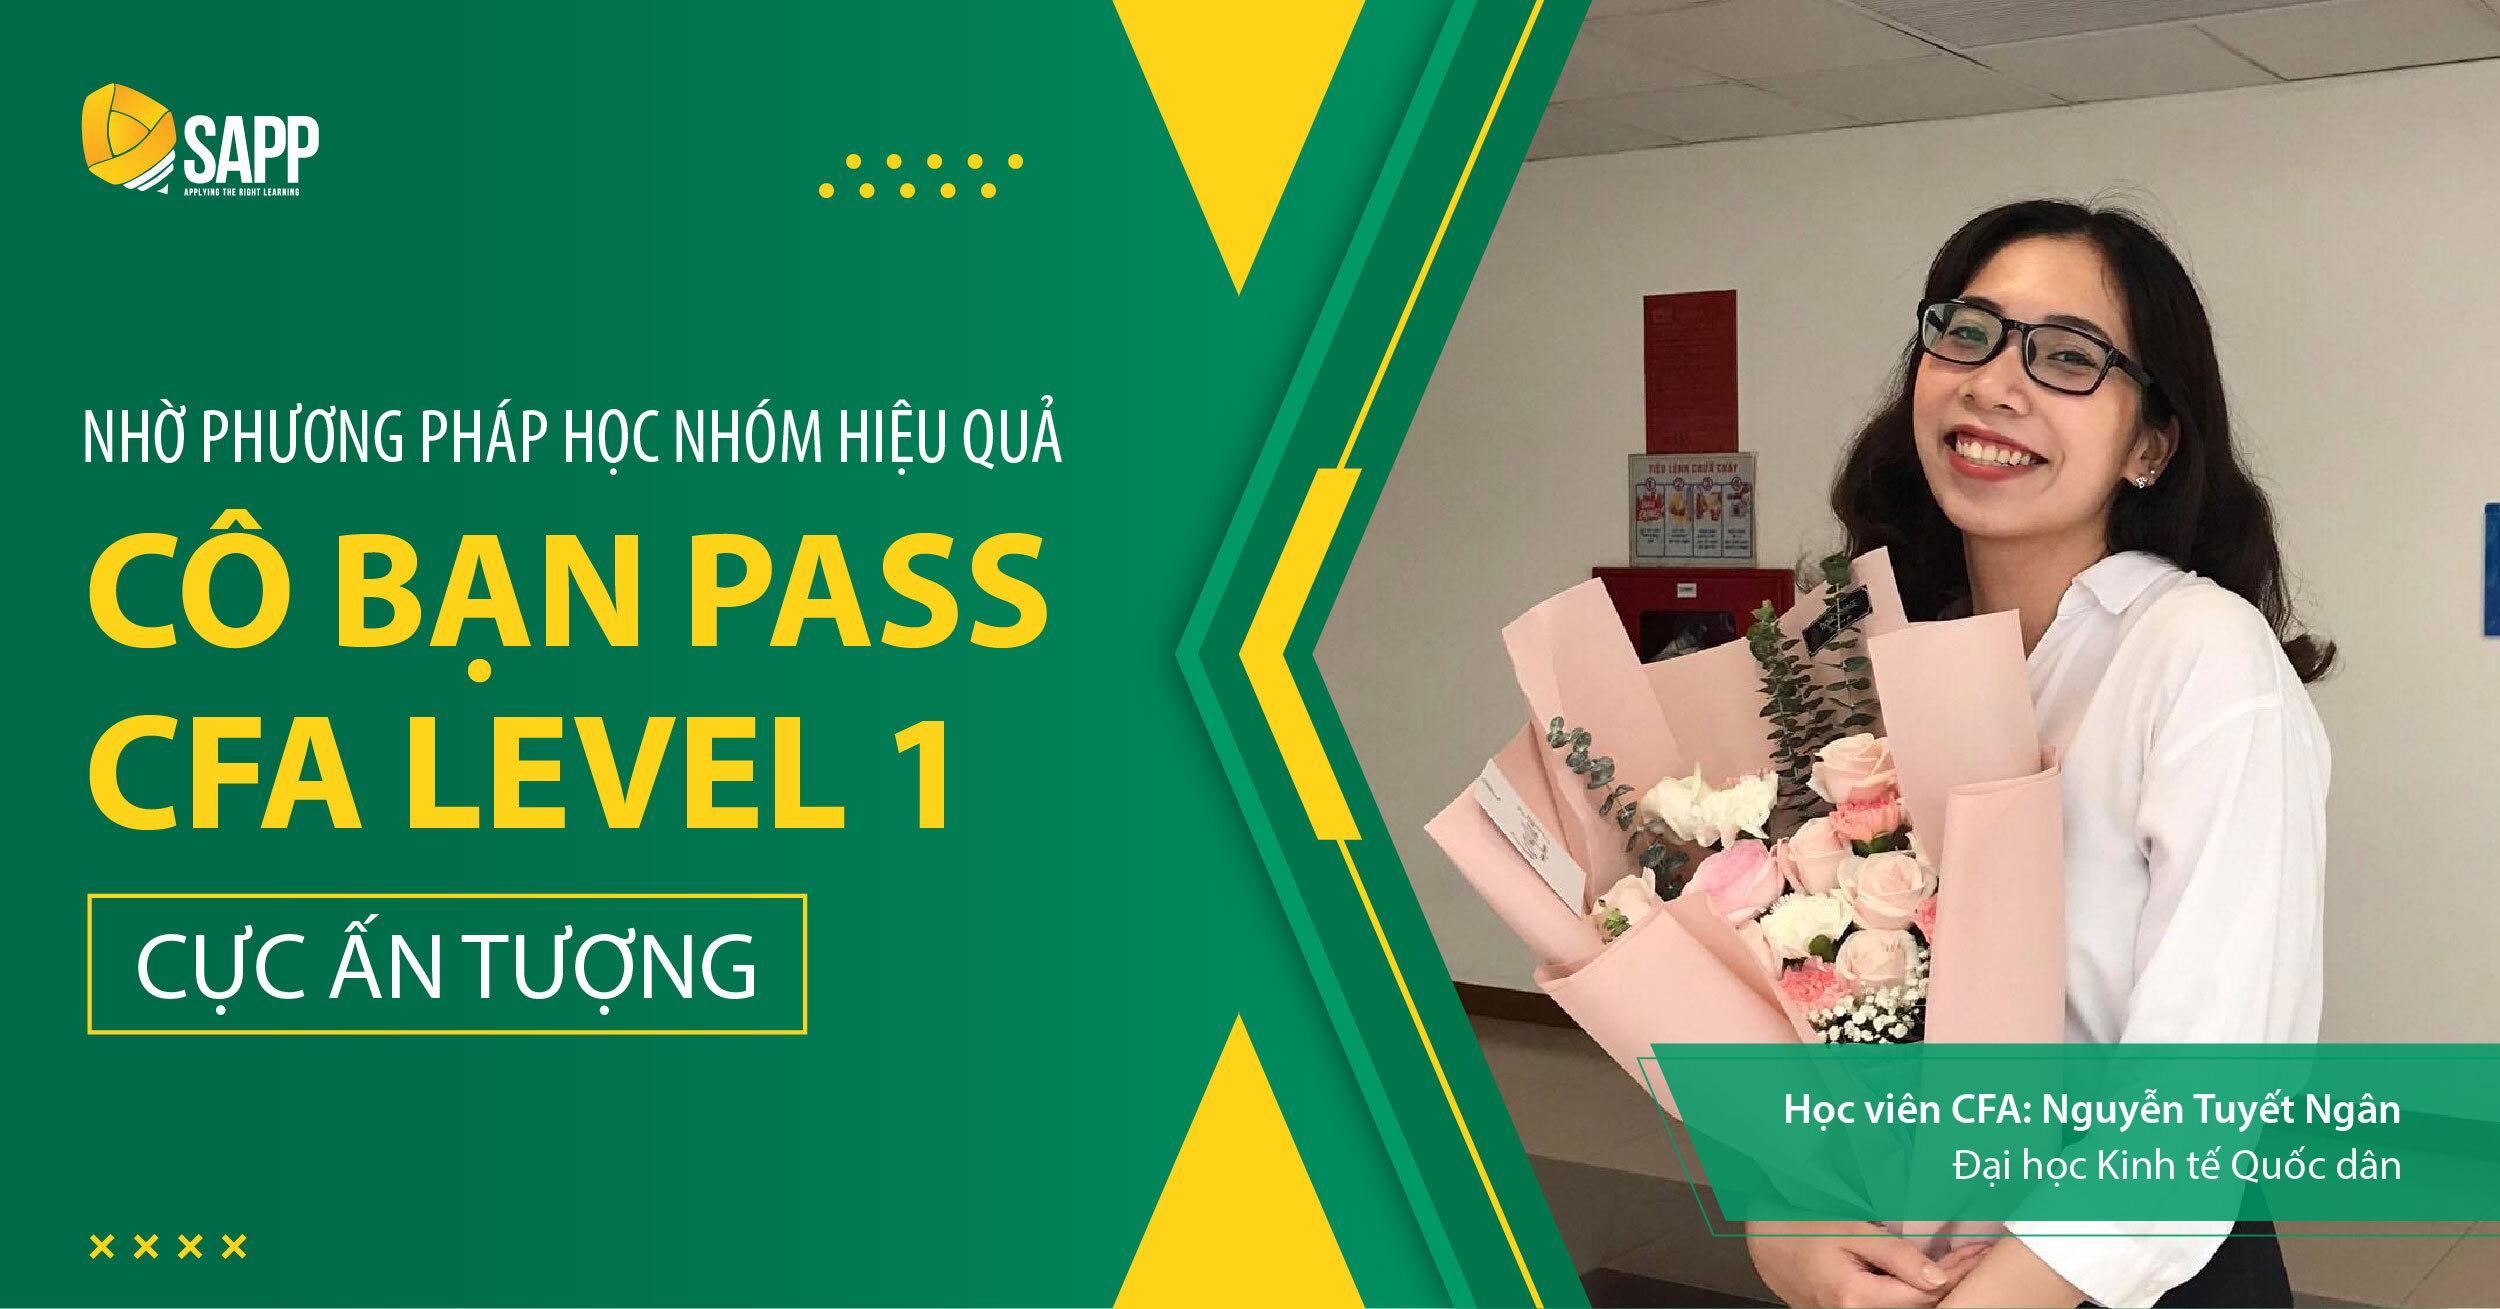 Nhờ Phương Pháp Học Nhóm Hiệu Quả, Cô Bạn Pass CFA Level 1 Cực Ấn Tượng